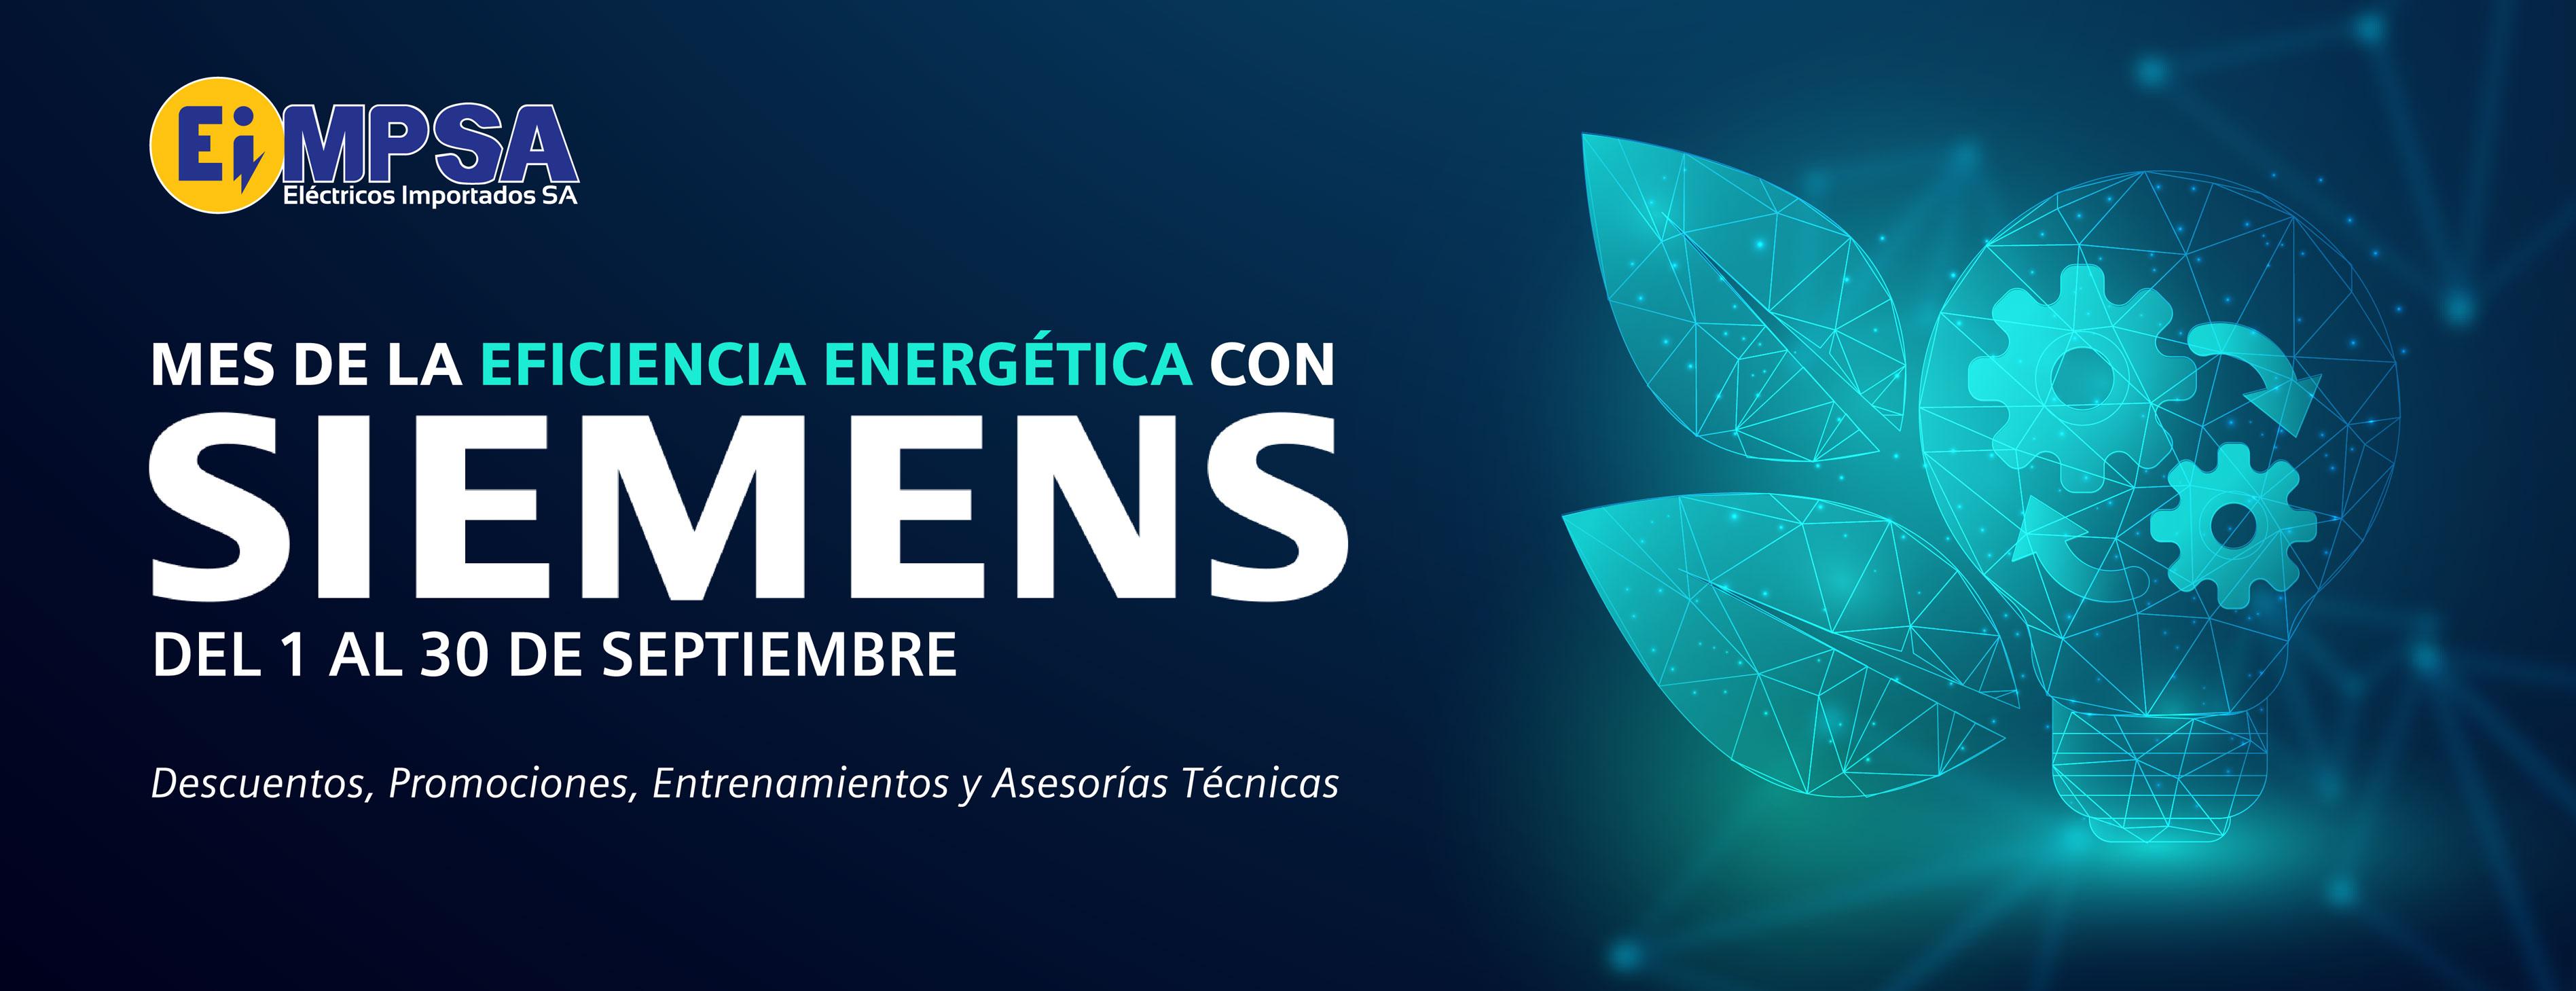 EIMPSA SIEMENS web-Banner